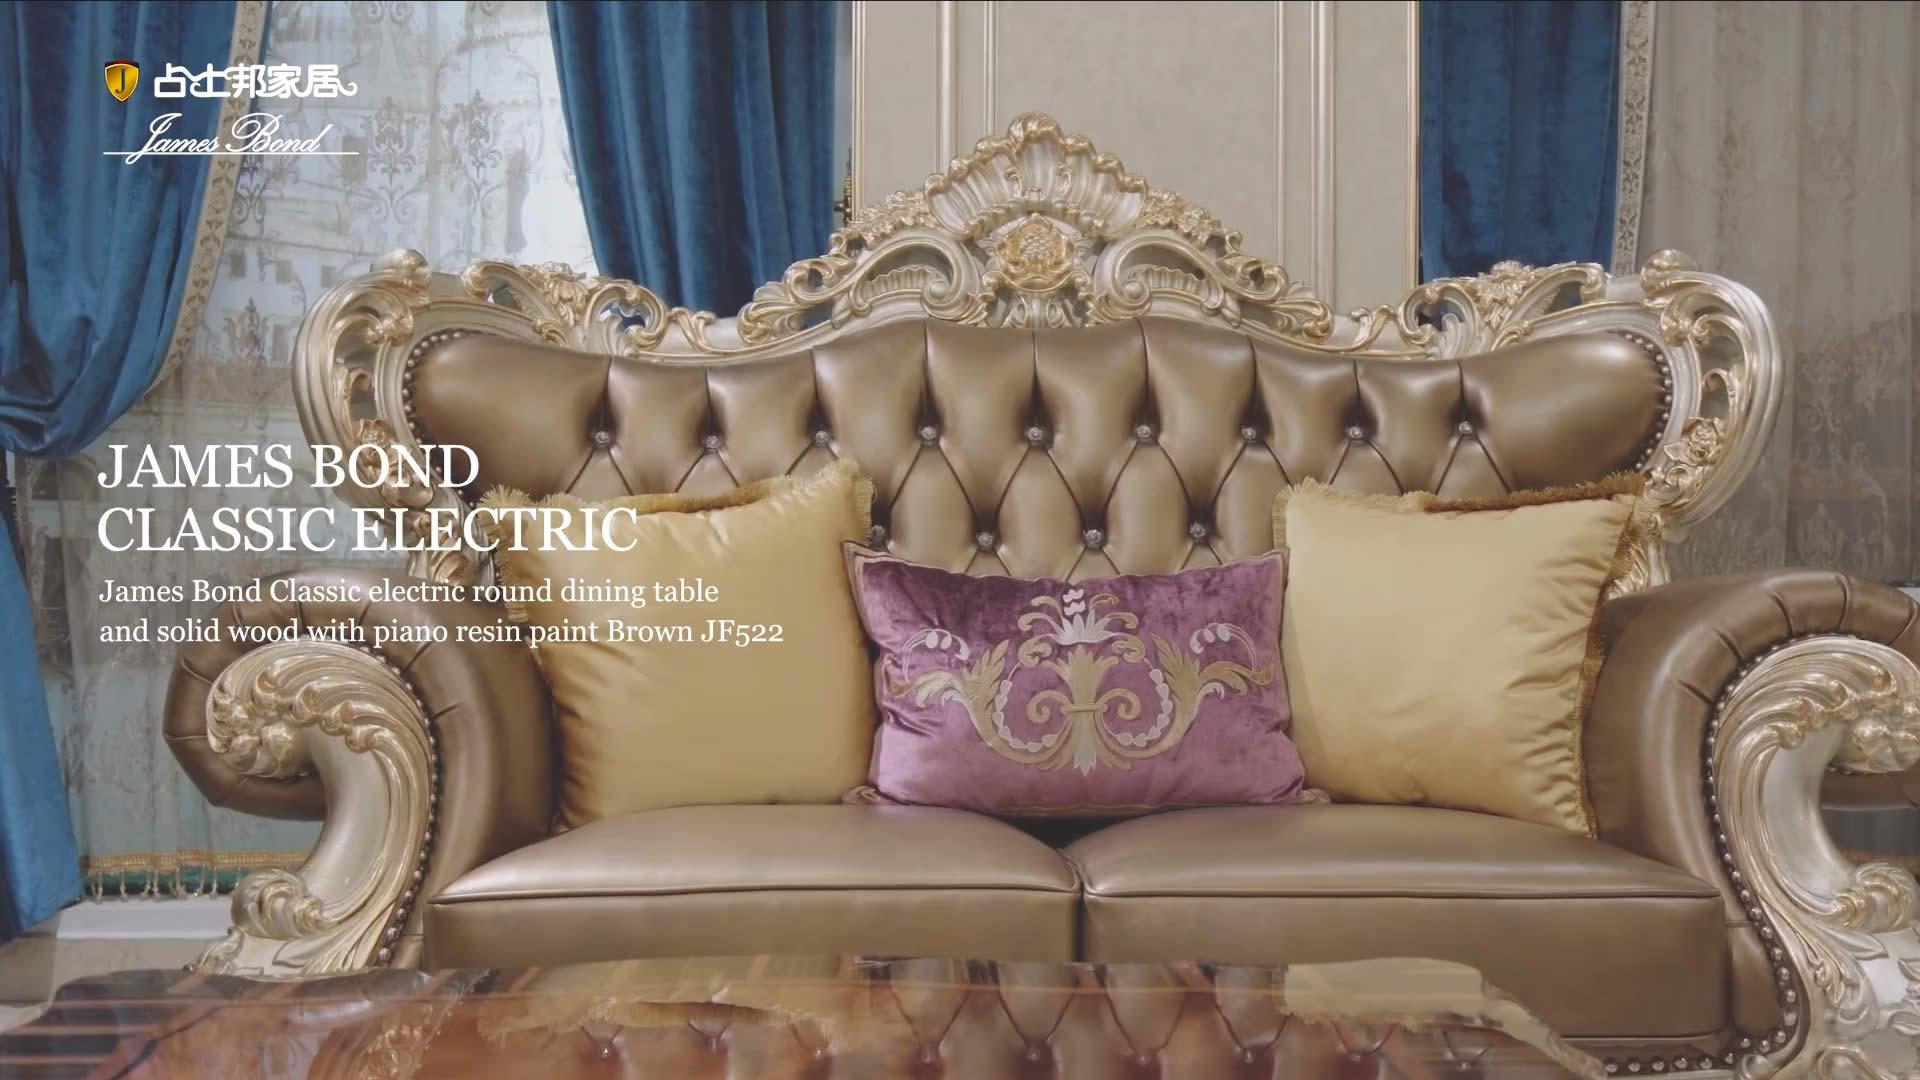 Sofa klasikoko altzariak 14k urrezko eta egurrezko urrezko urrezkoak & xanpaina A2819 James Bond